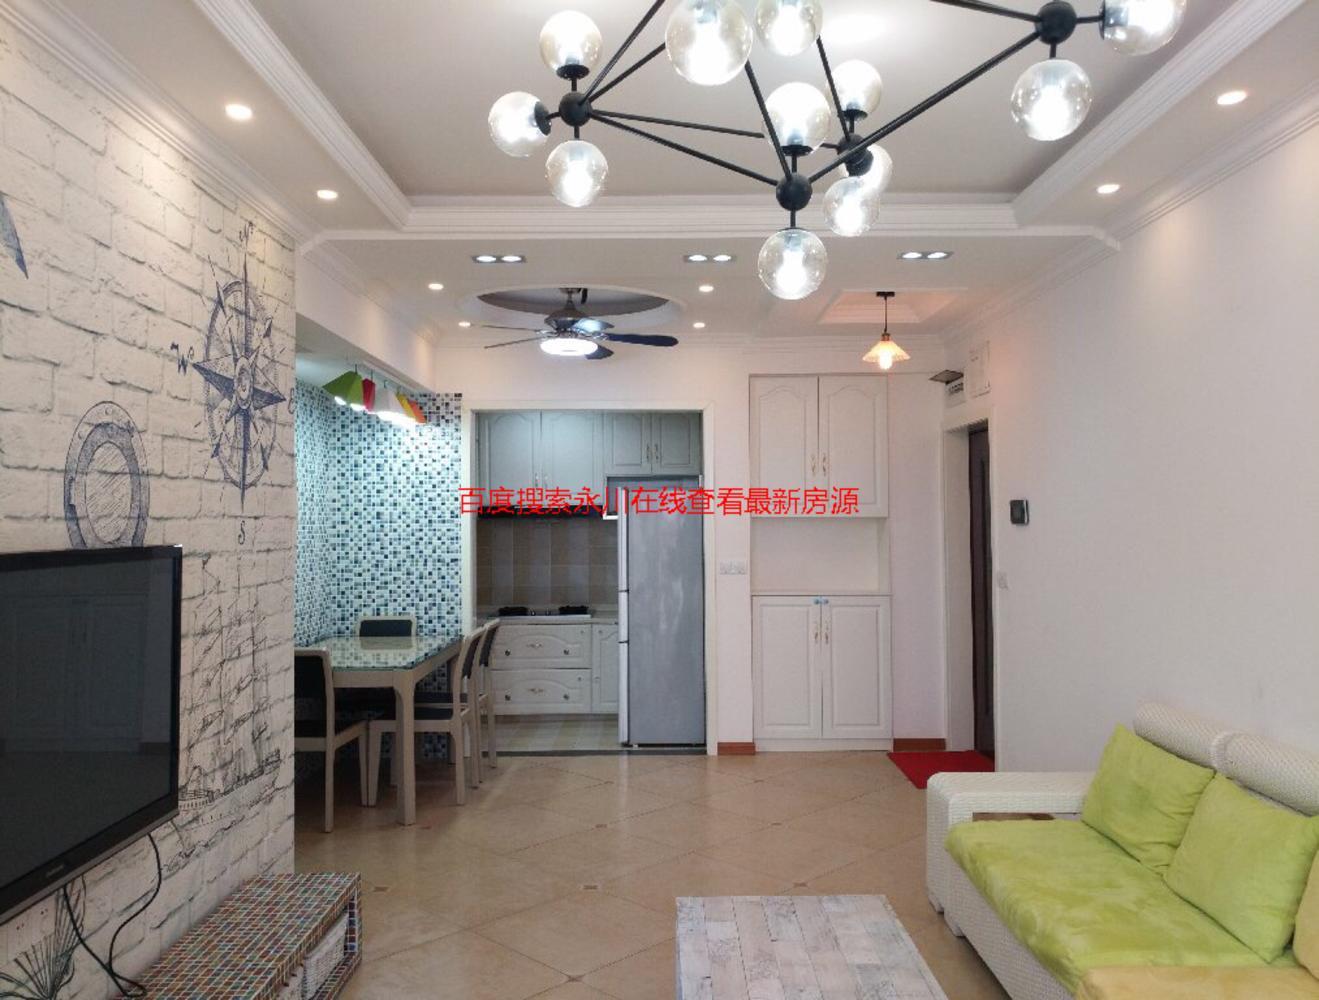 兴龙湖1号精装修2房周边配套齐全免营业税